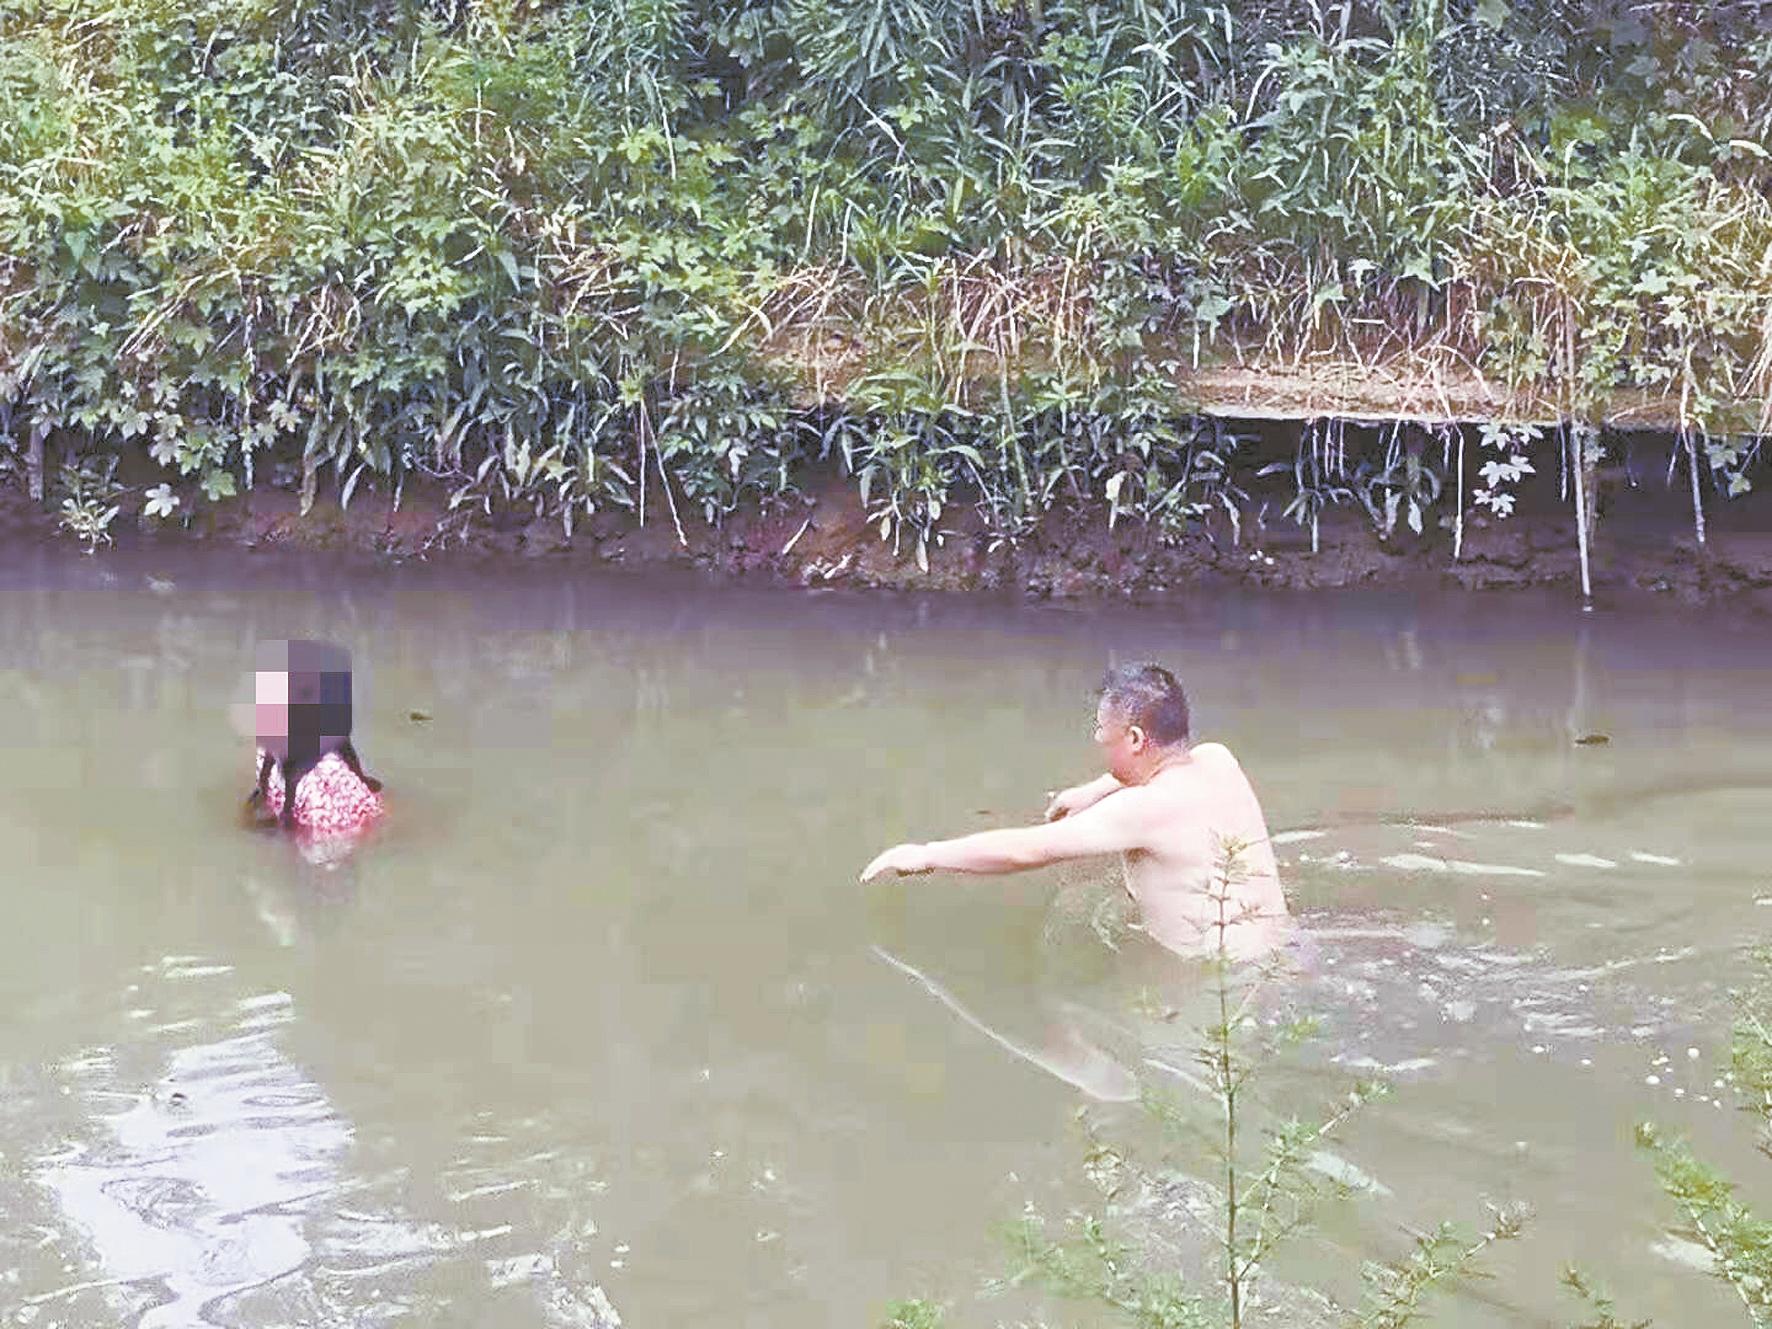 民警縱身跳入污水救起輕生女